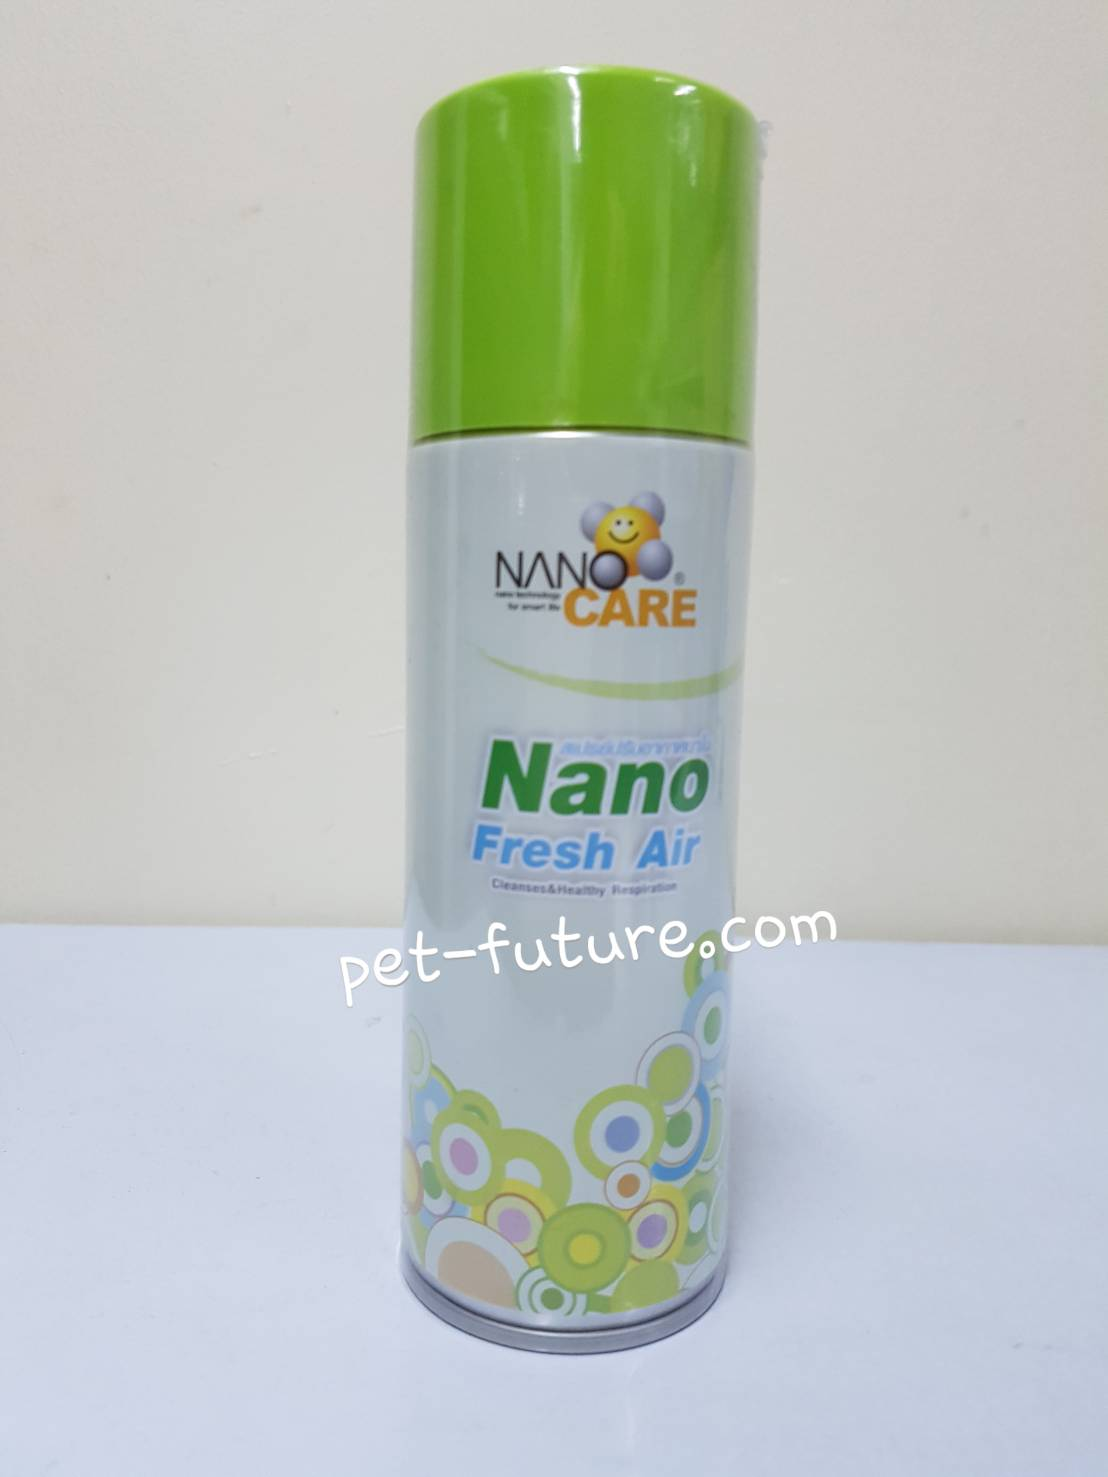 Nano Fresh Air สเปรย์ปรับอากาศนาโน สินค้าเพิ่งมาค่ะ